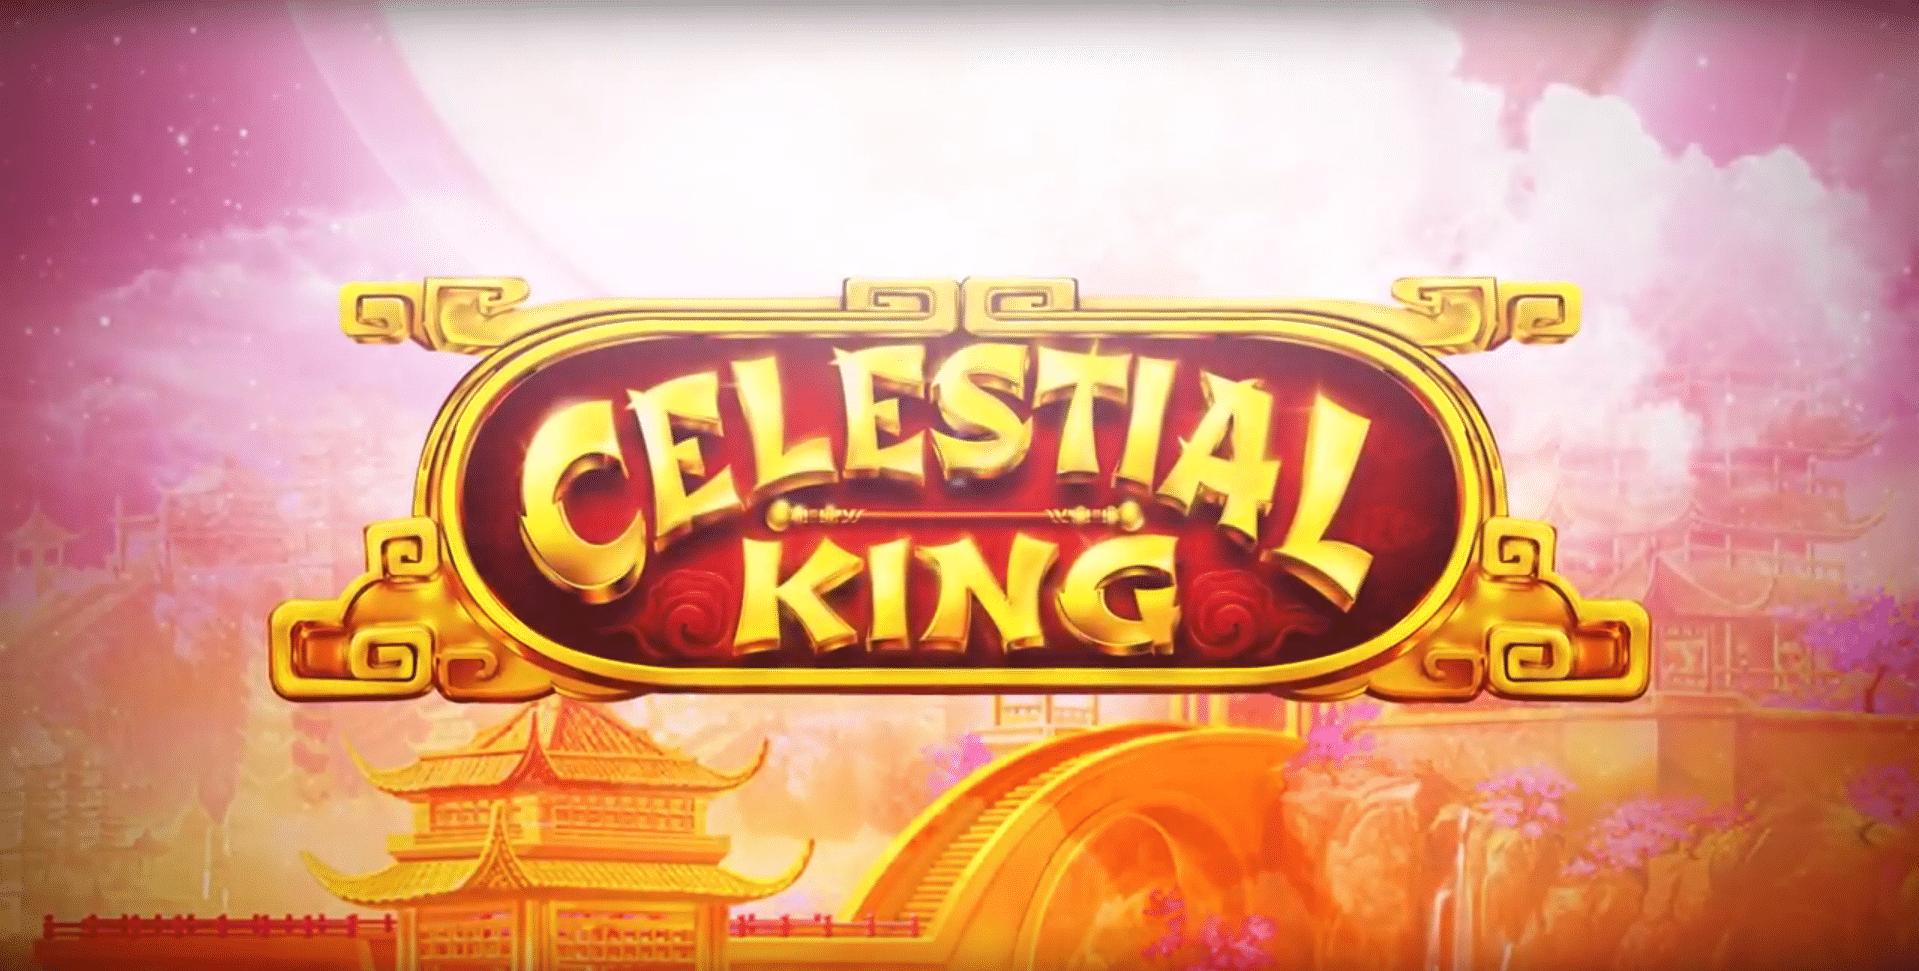 Celestial King, Bally